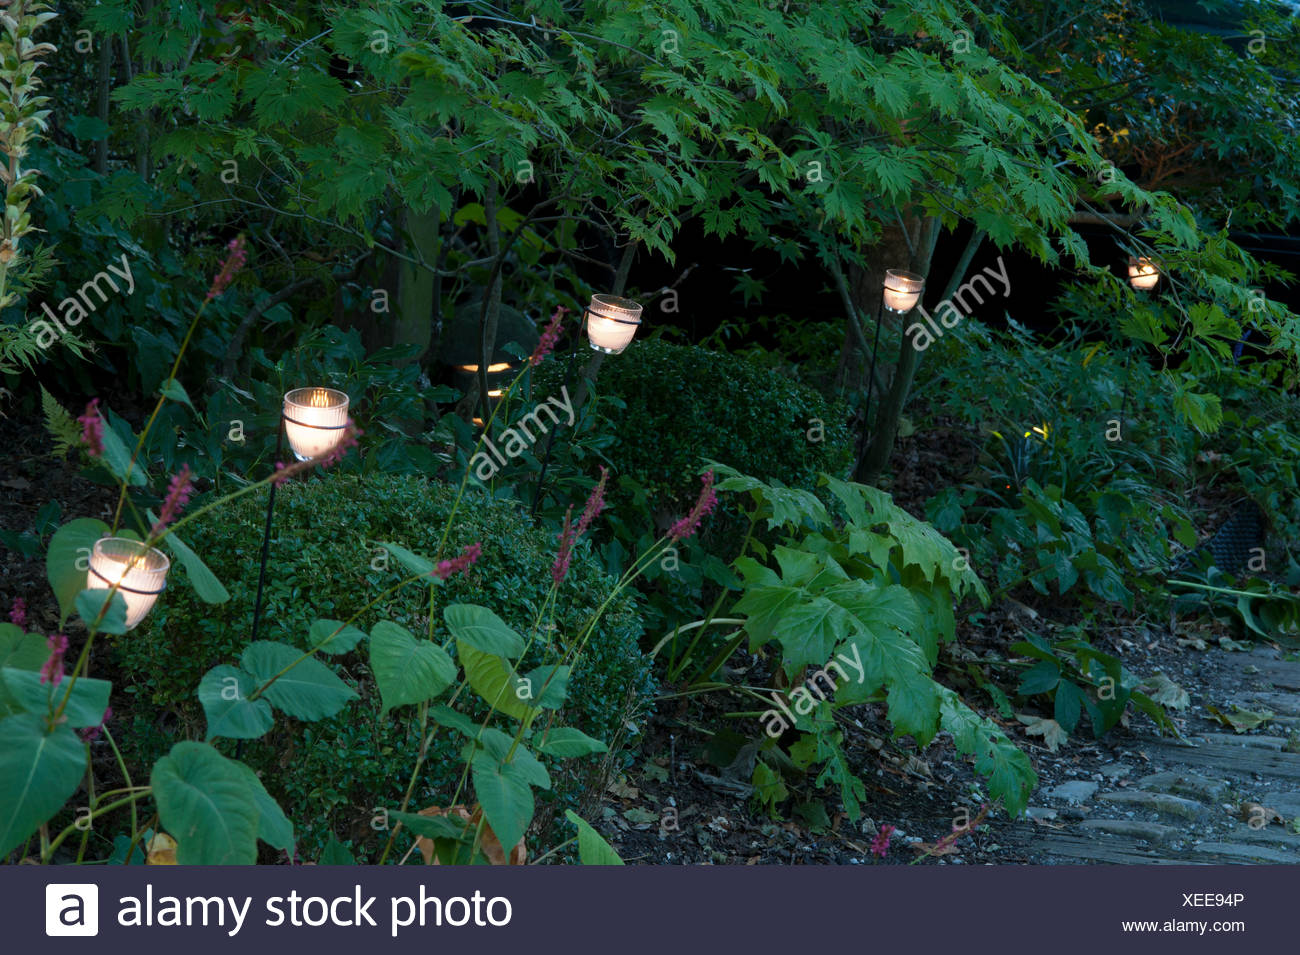 Giardino illuminazione con vasi di candela foto & immagine stock